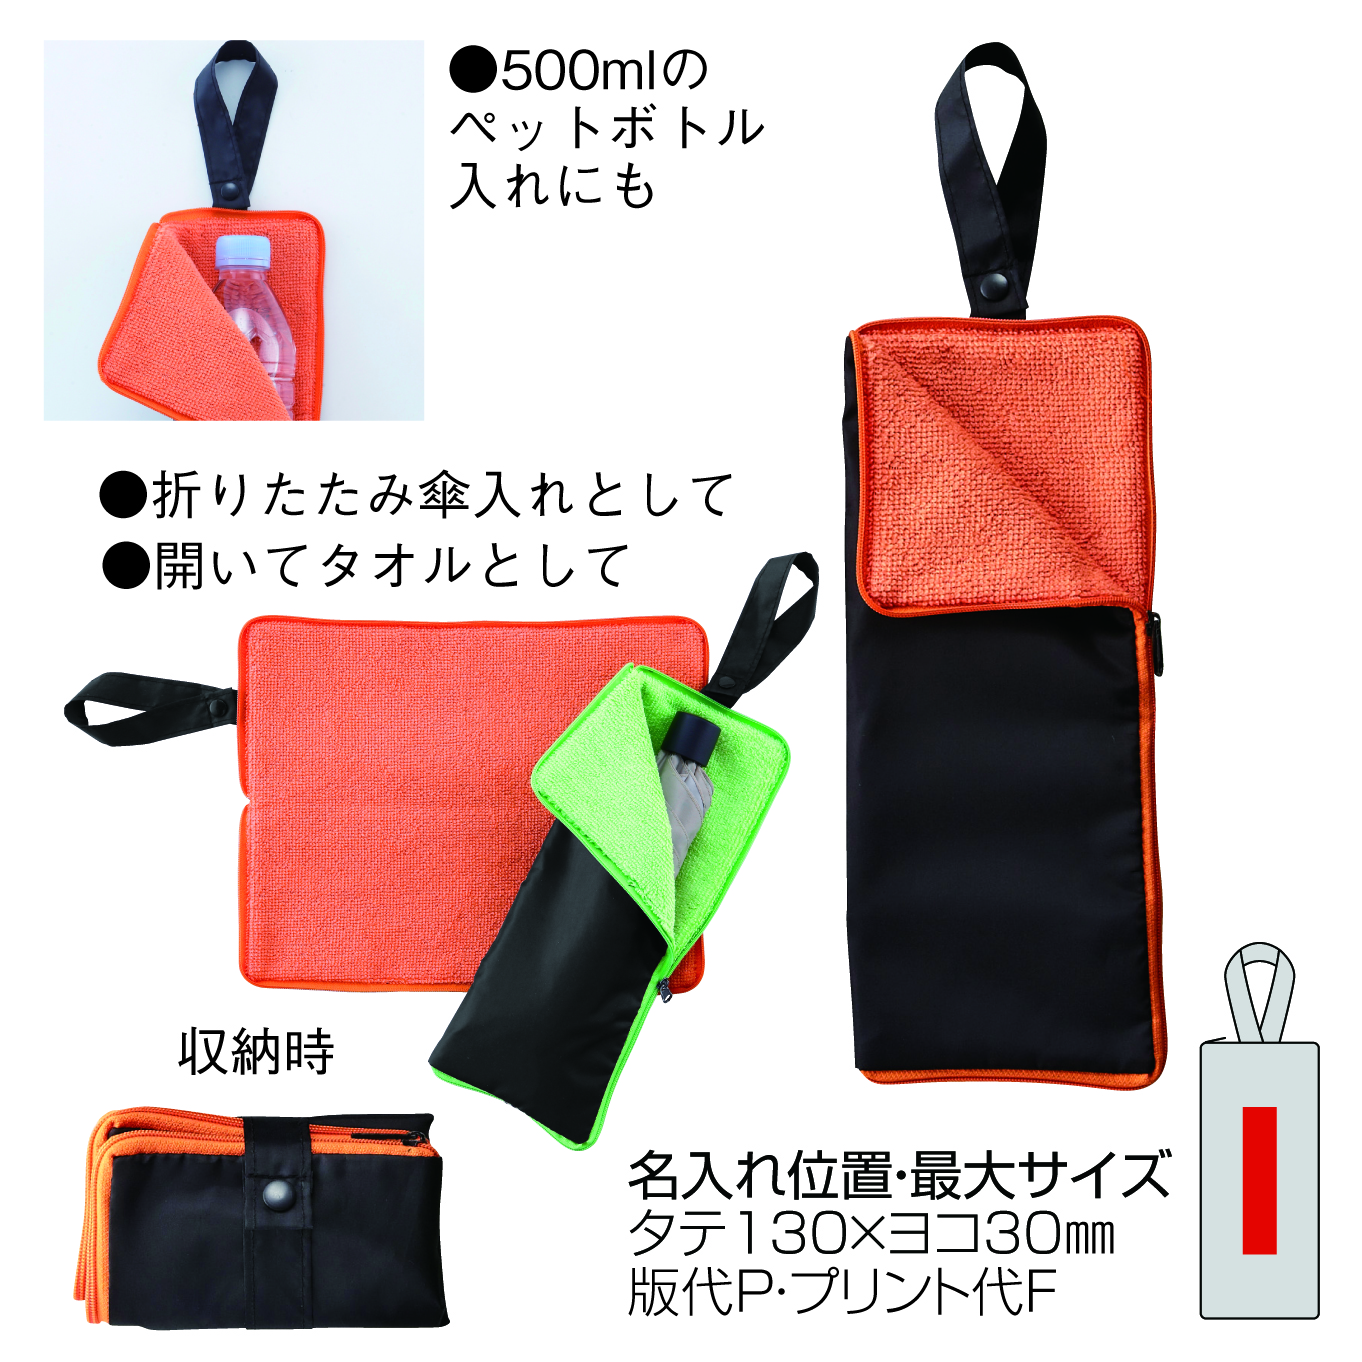 セルトナ・ポータブルマルチ傘カバー(オレンジ)